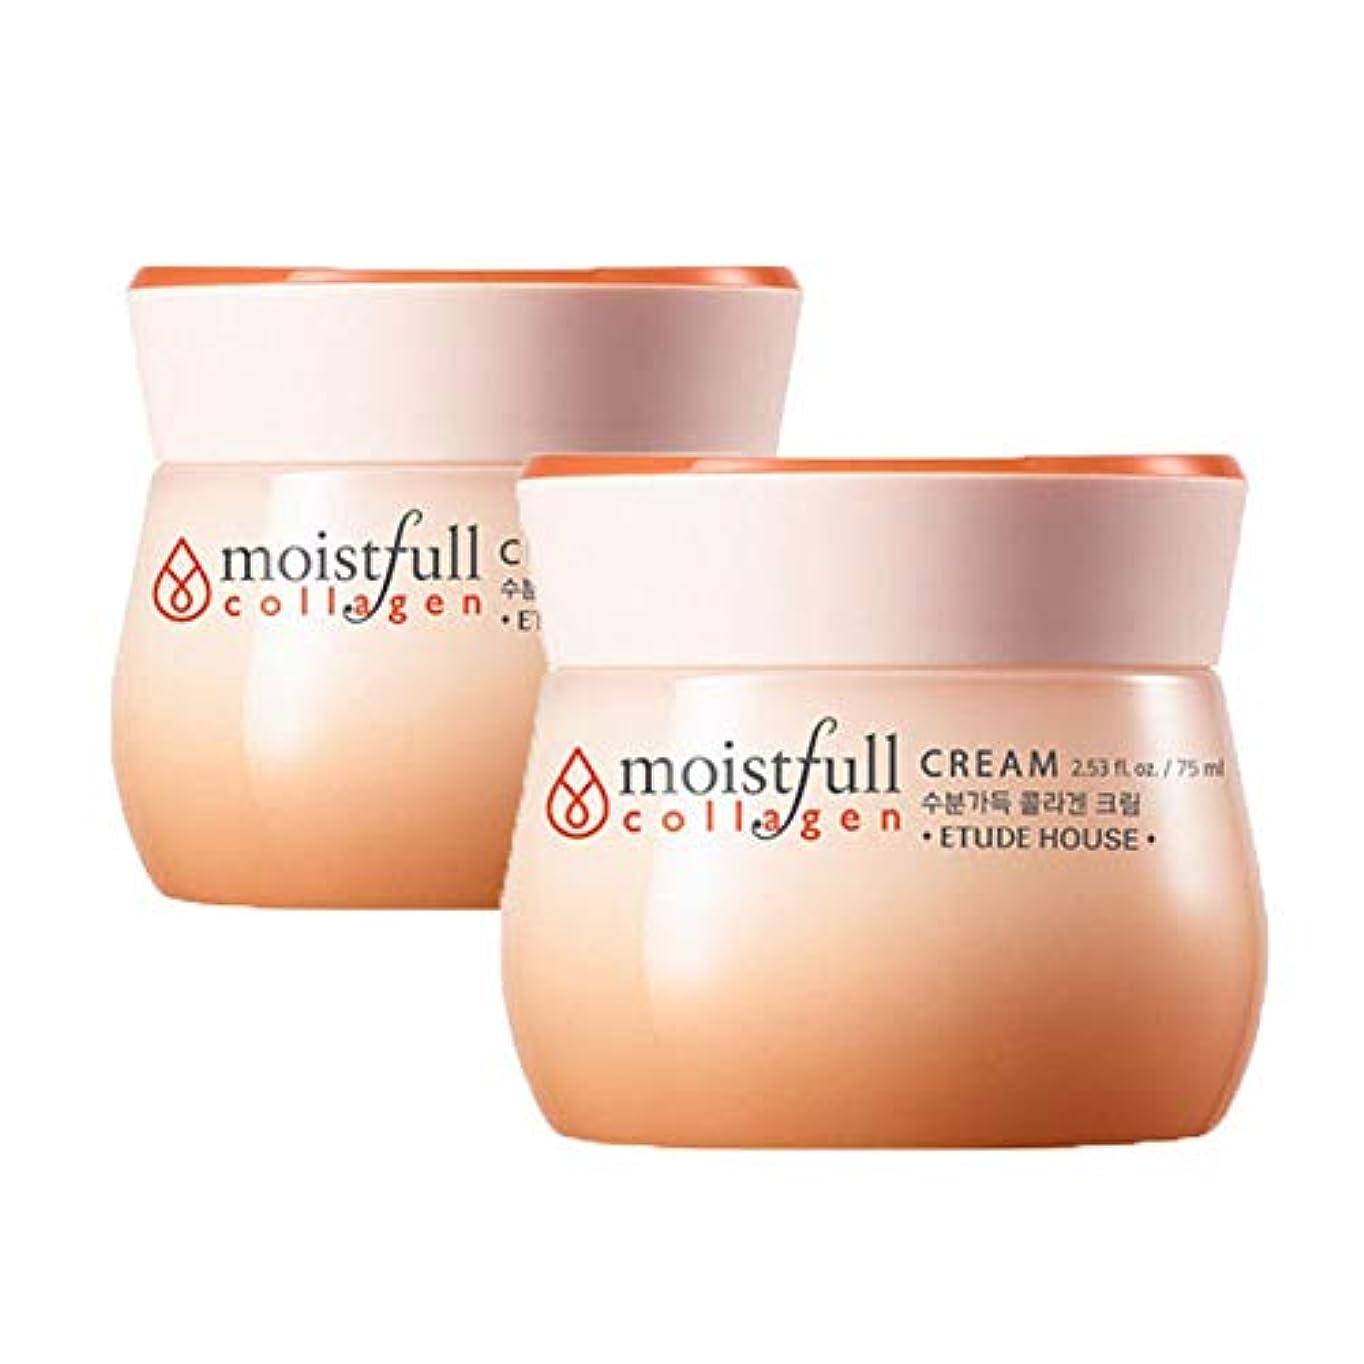 閃光寺院つかの間エチュードハウス水分いっぱいコラーゲンクリーム 75mlx2本セット韓国コスメ、Etude House Moistfull Collagen Cream 75ml x 2ea Set Korean Cosmetics [...